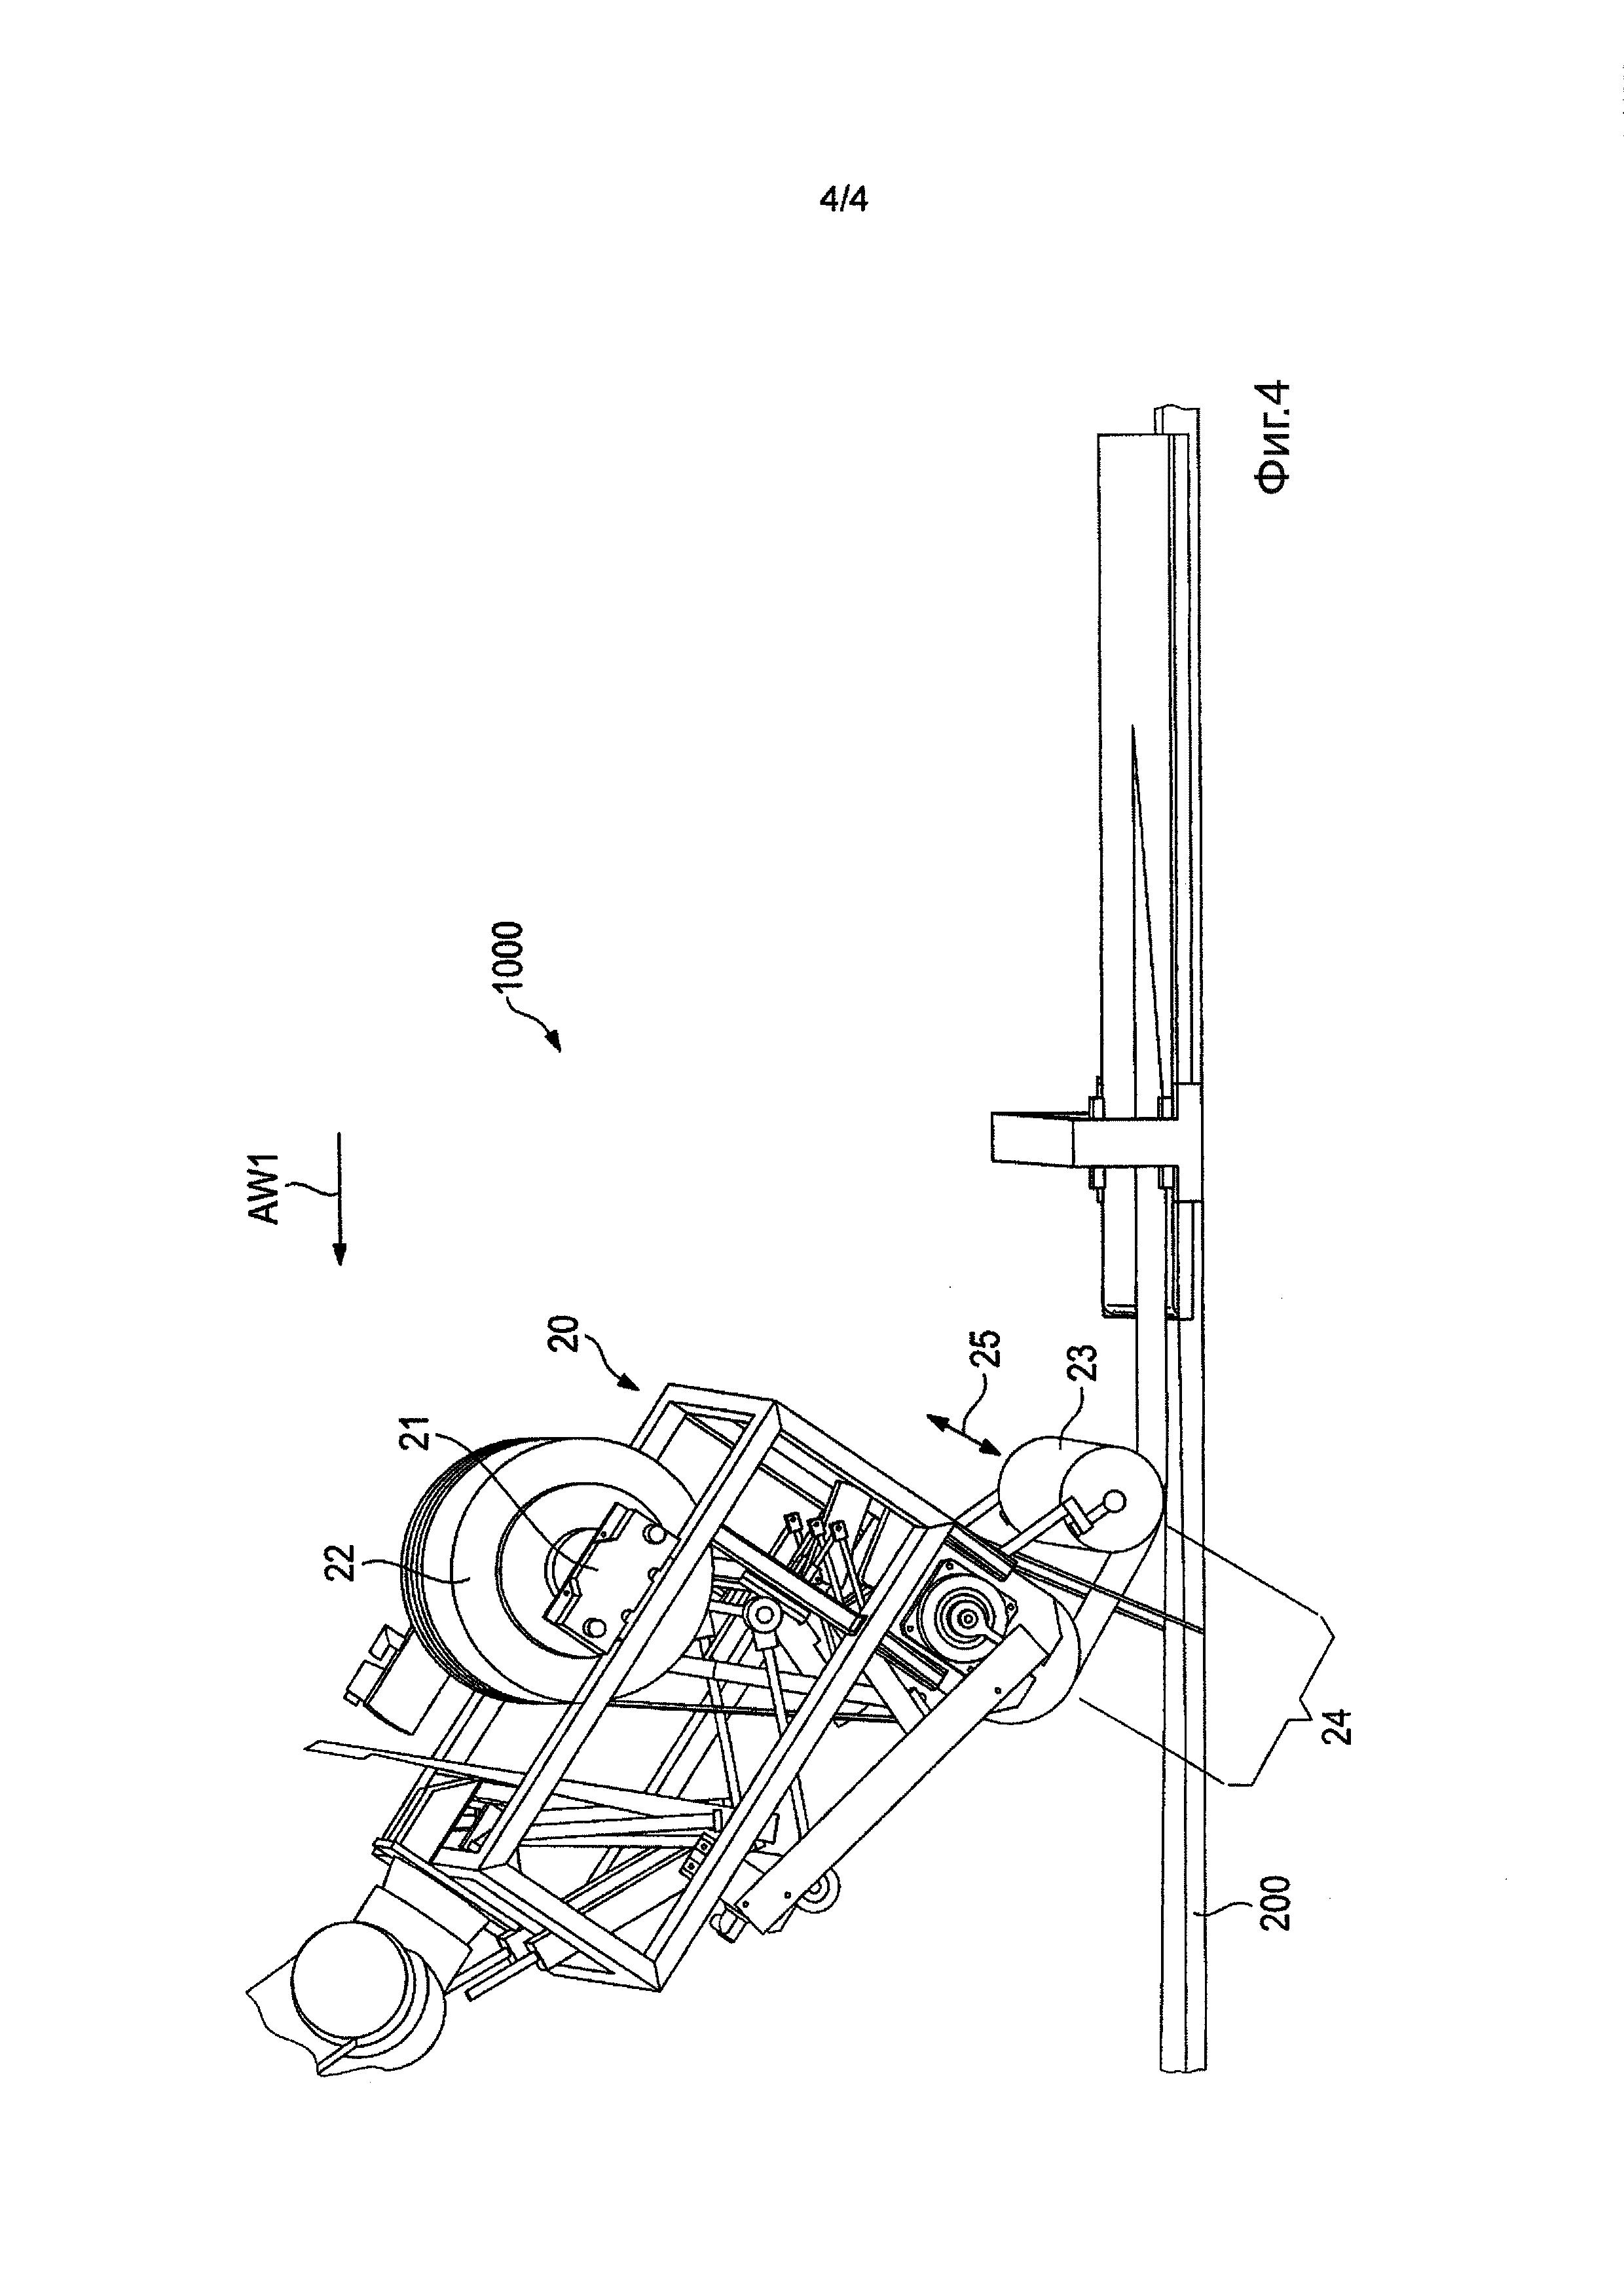 Способ и устройство для изготовления заготовок для изготовления лопасти ротора